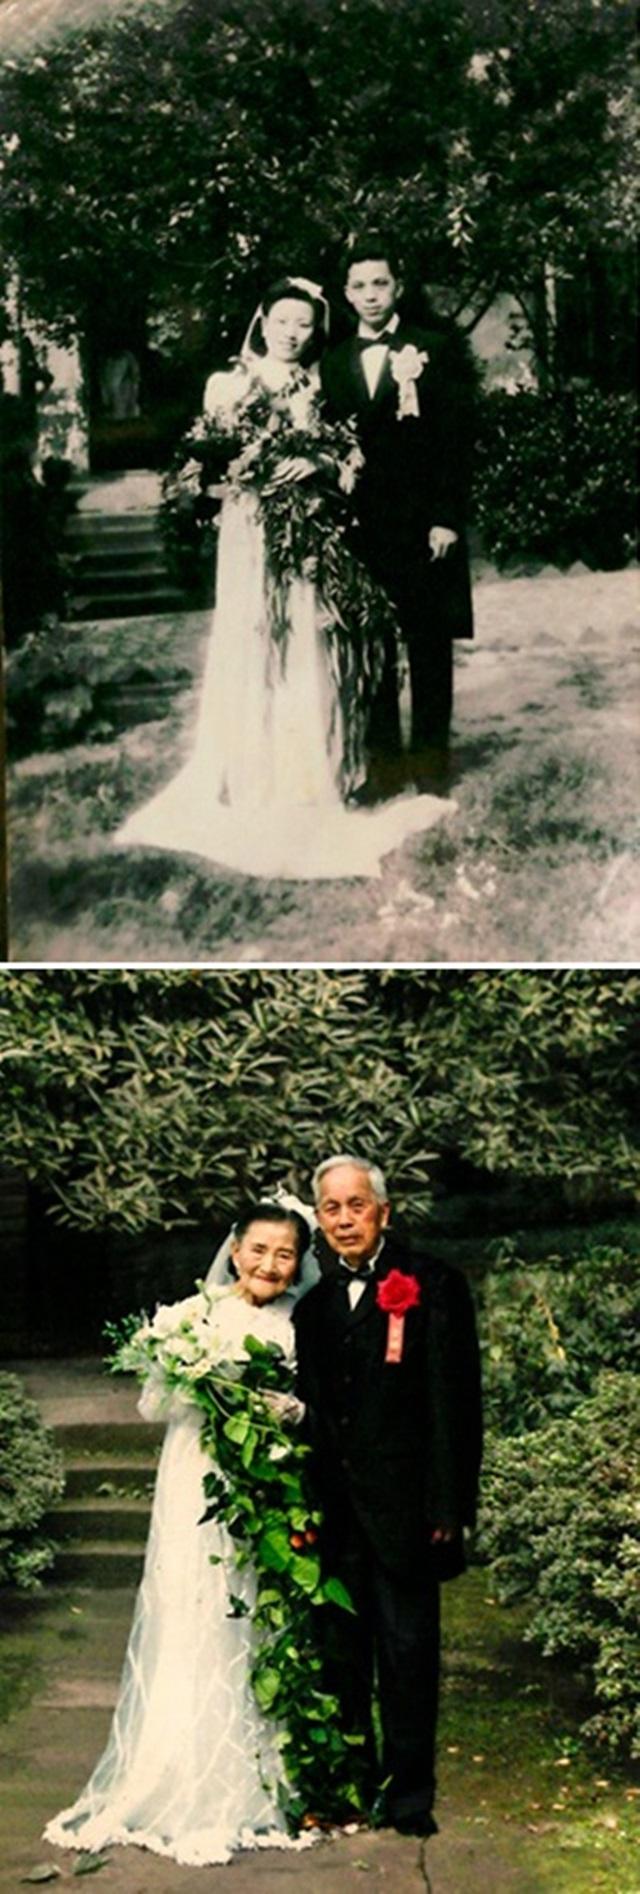 5 casais recriam fotos antigas e o resultado vai te surpreender